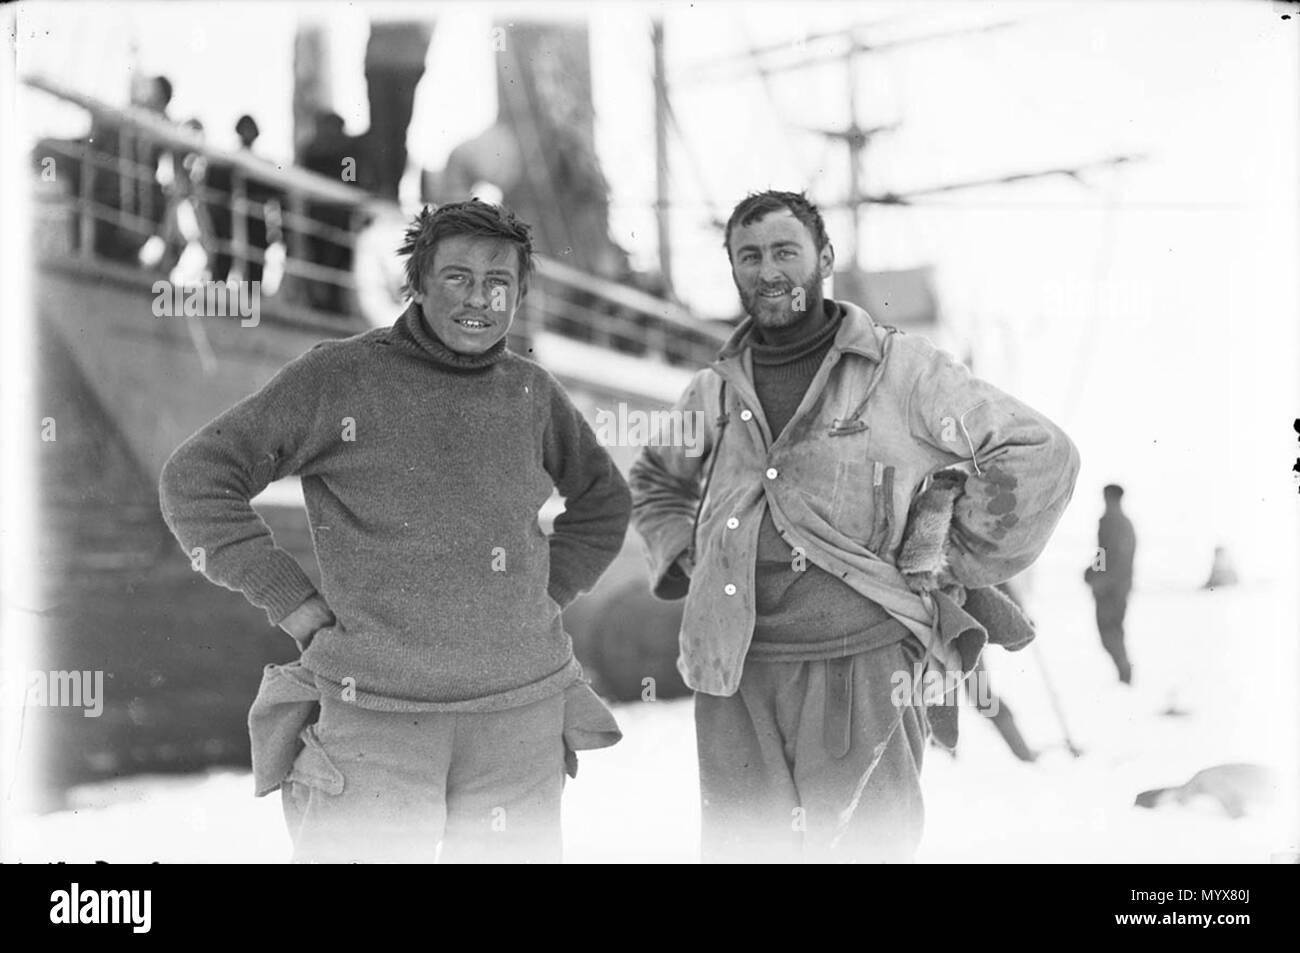 . Englisch: Foto von zwei Männern, Percy Correll und Charles Laseron, aufgenommen von Frank Hurley. Correll und Laseron waren Mitglieder des Australasian Antarctic Expedition von Sir Douglas Mawson (1911-1914). Dieses Foto wurde auf eisscholle Eis an der westlichen Basis berücksichtigt. Die SY Aurora, ein Steam Yacht durch Mawson gekauft die Expedition in die Antarktis ab Hobart zu transportieren, ist im Hintergrund. . 26 Juni 2014, 08:38:12. Frank Hurley (1885-1962) Alternative Namen James Francis Hurley Beschreibung Australian Explorer, Fotograf, Fotograf und Fotojournalist Datum der Geburt / Tod 15 Octobe Stockfoto